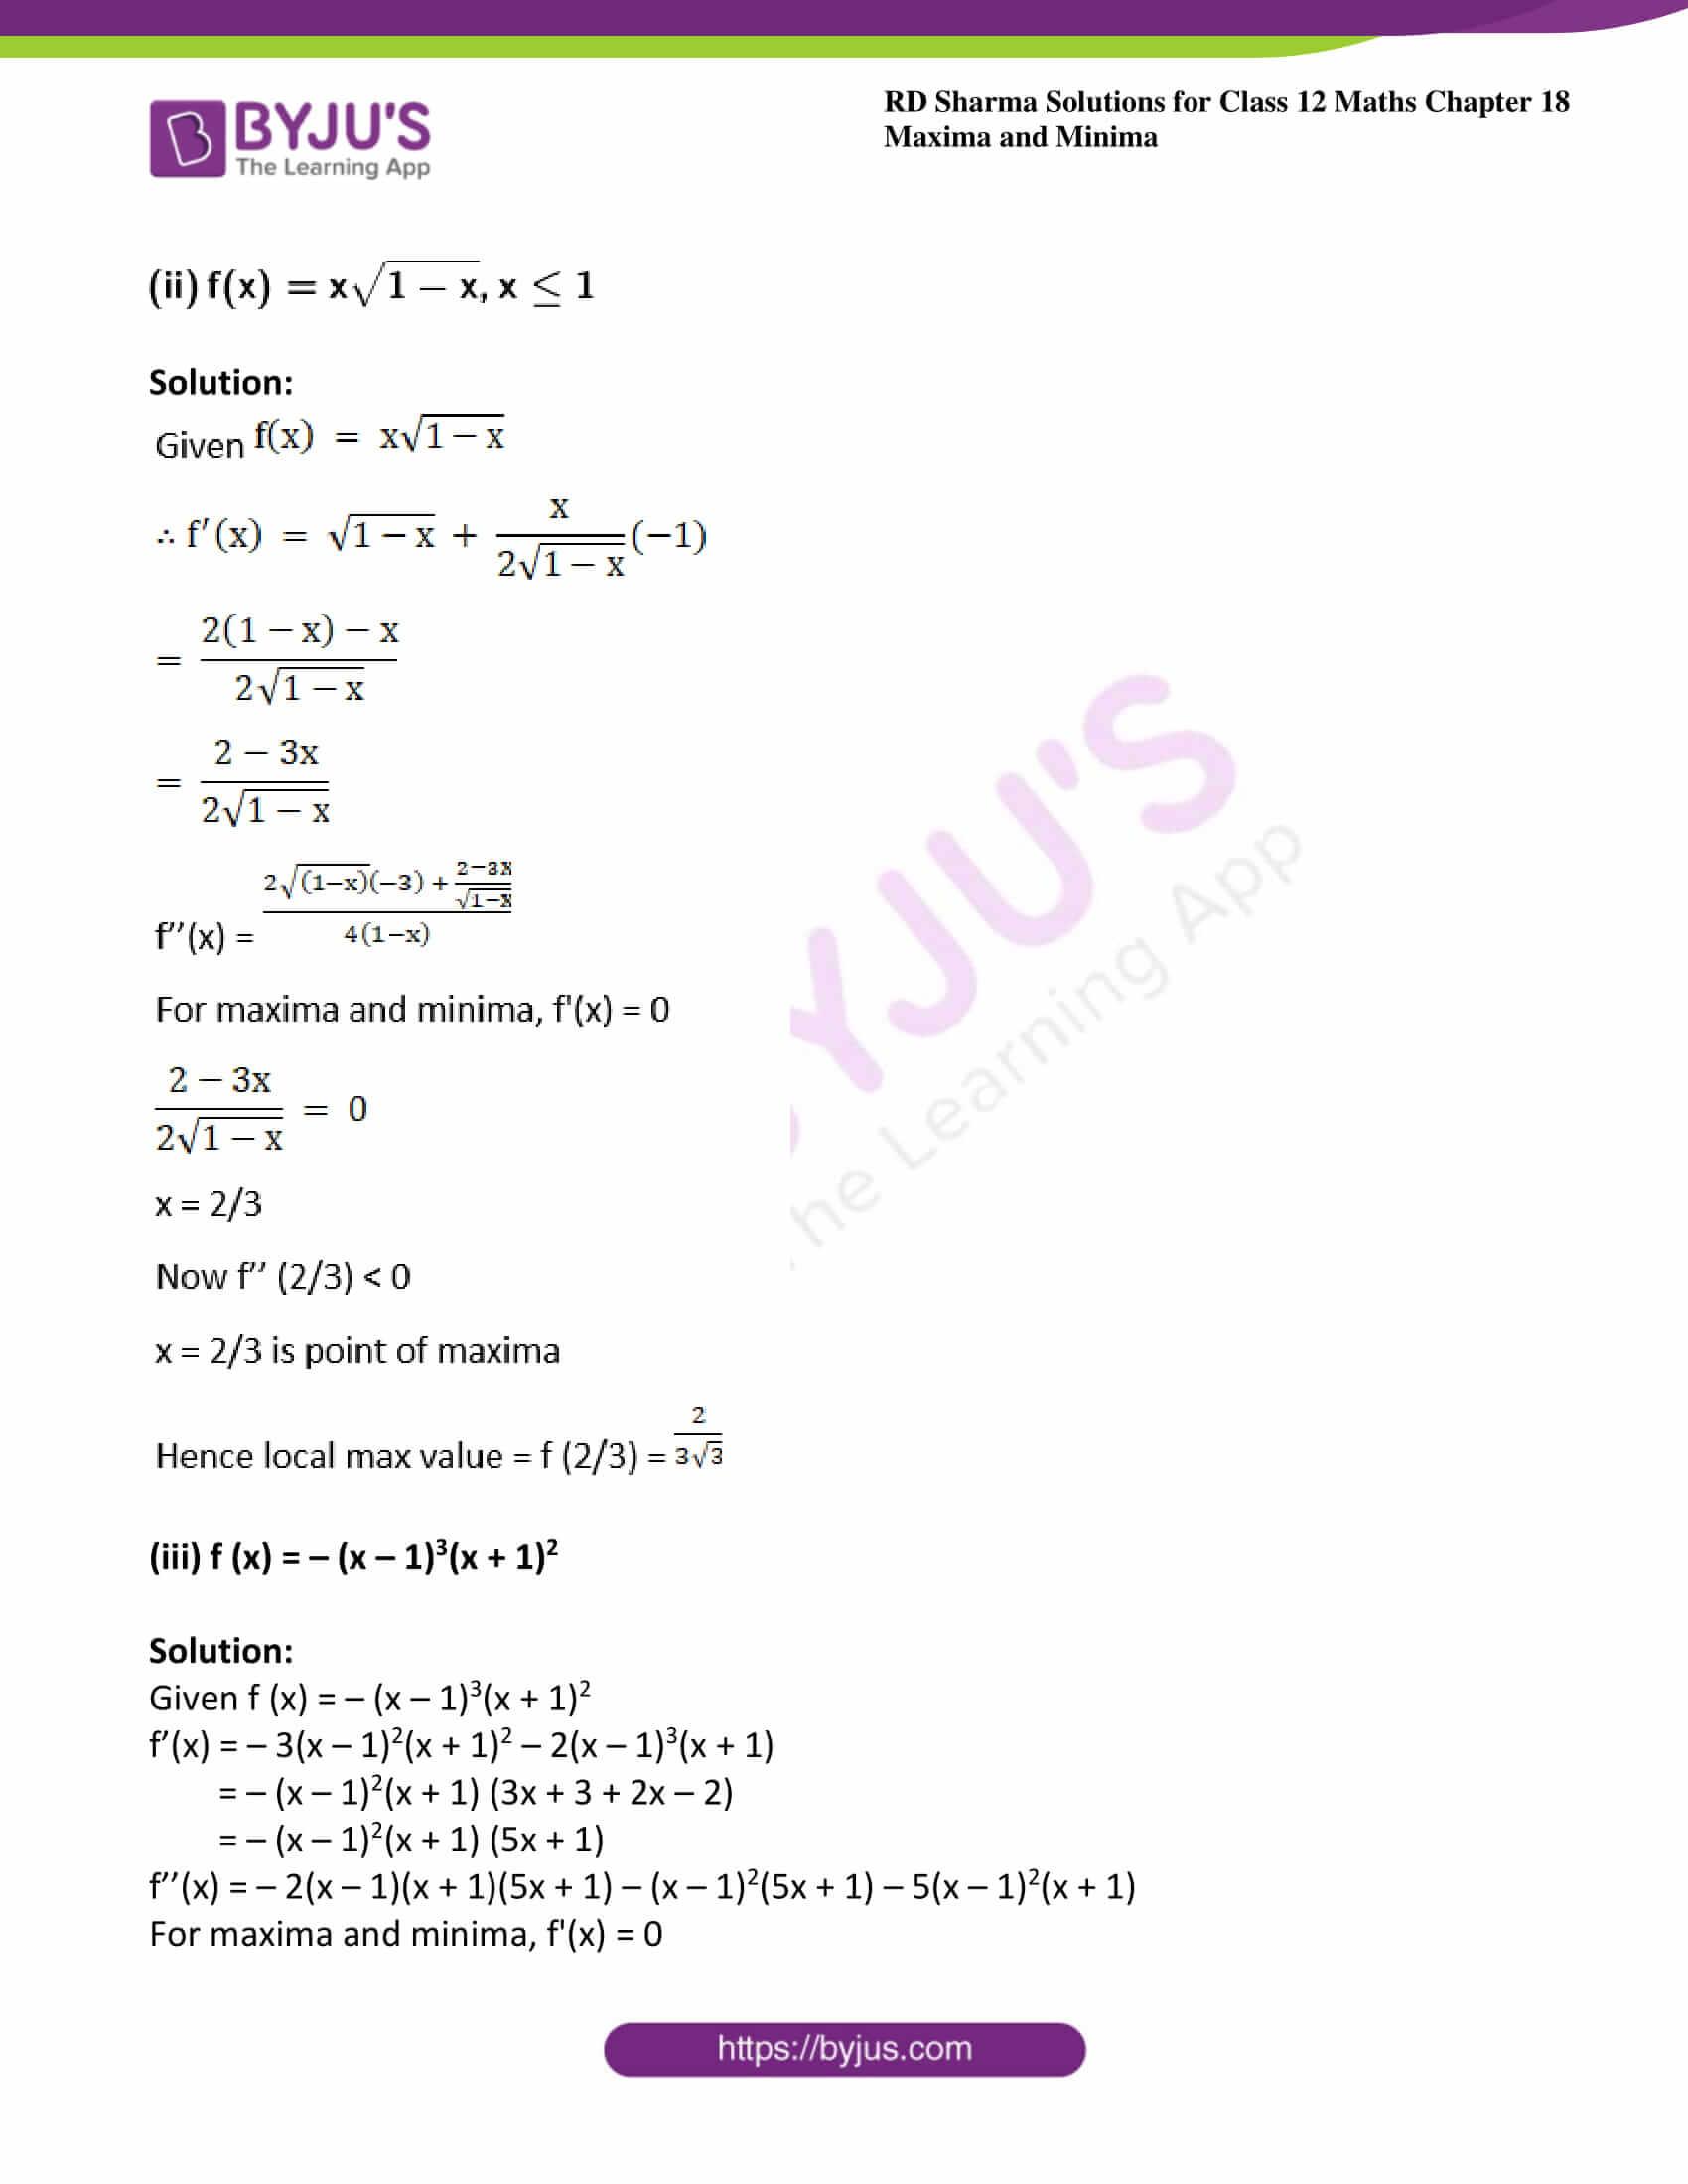 rd sharma class 12 maths solutions chapter 18 ex 3 4